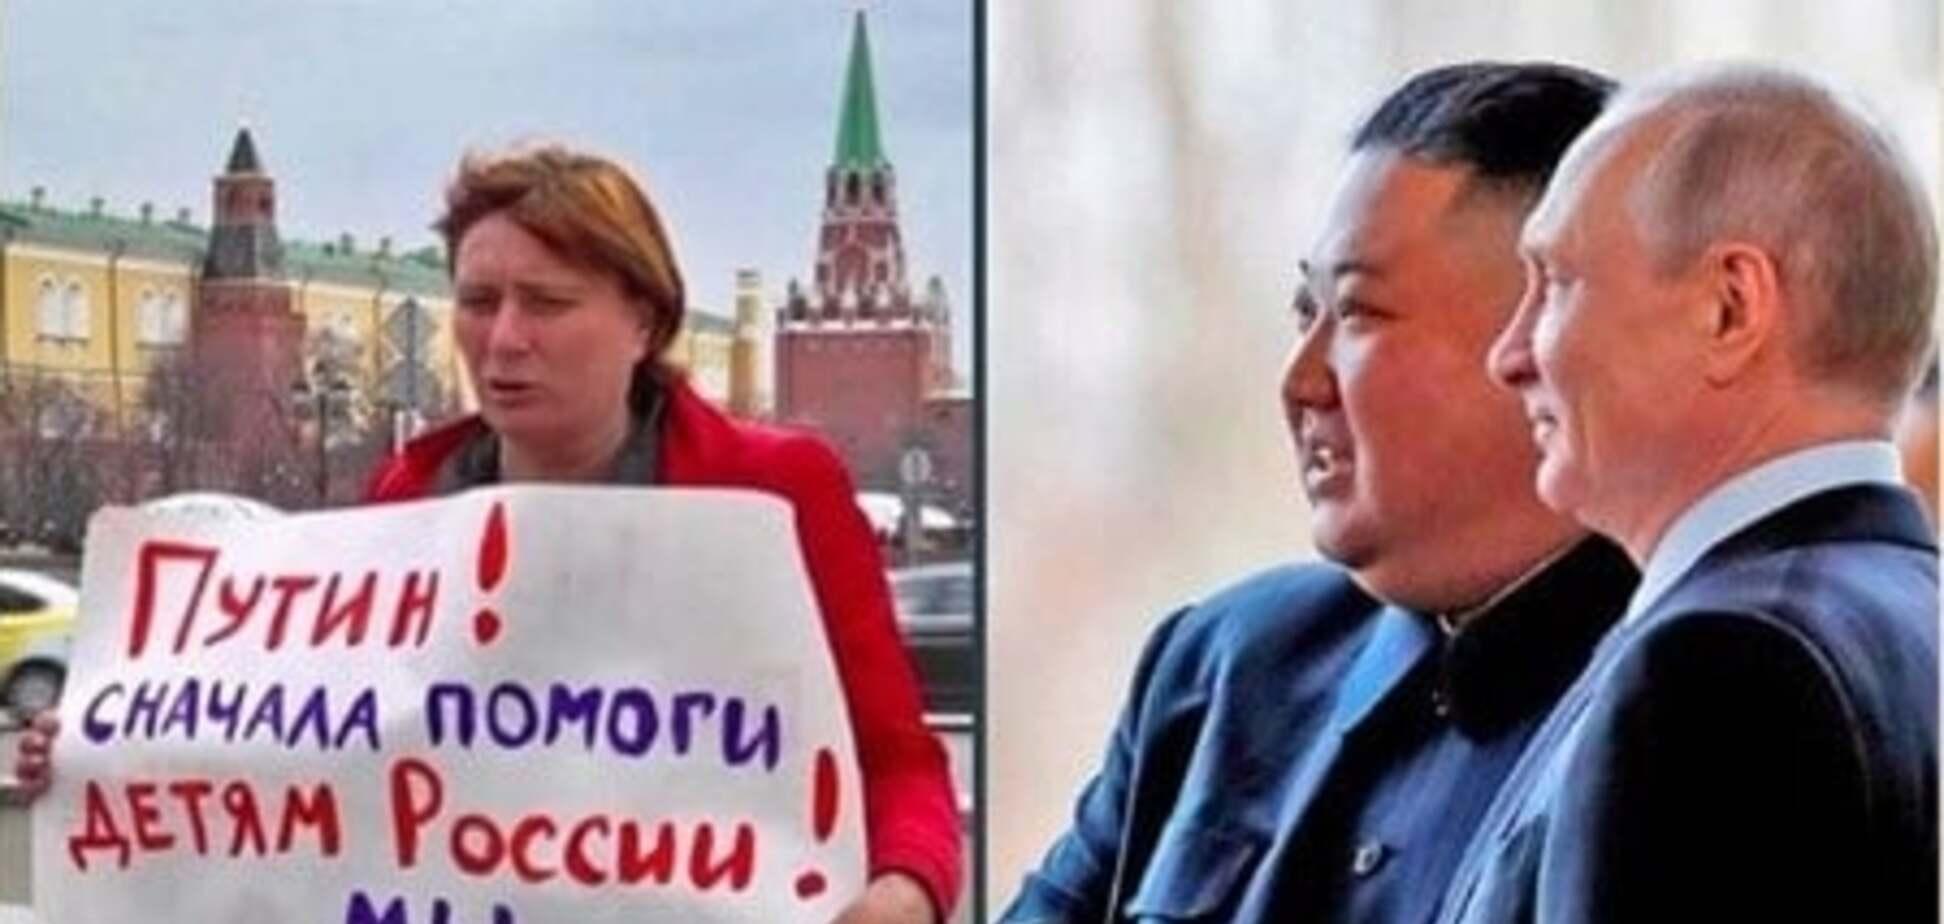 Ягудин обматерил помощь Северной Кореи при кризисе в России